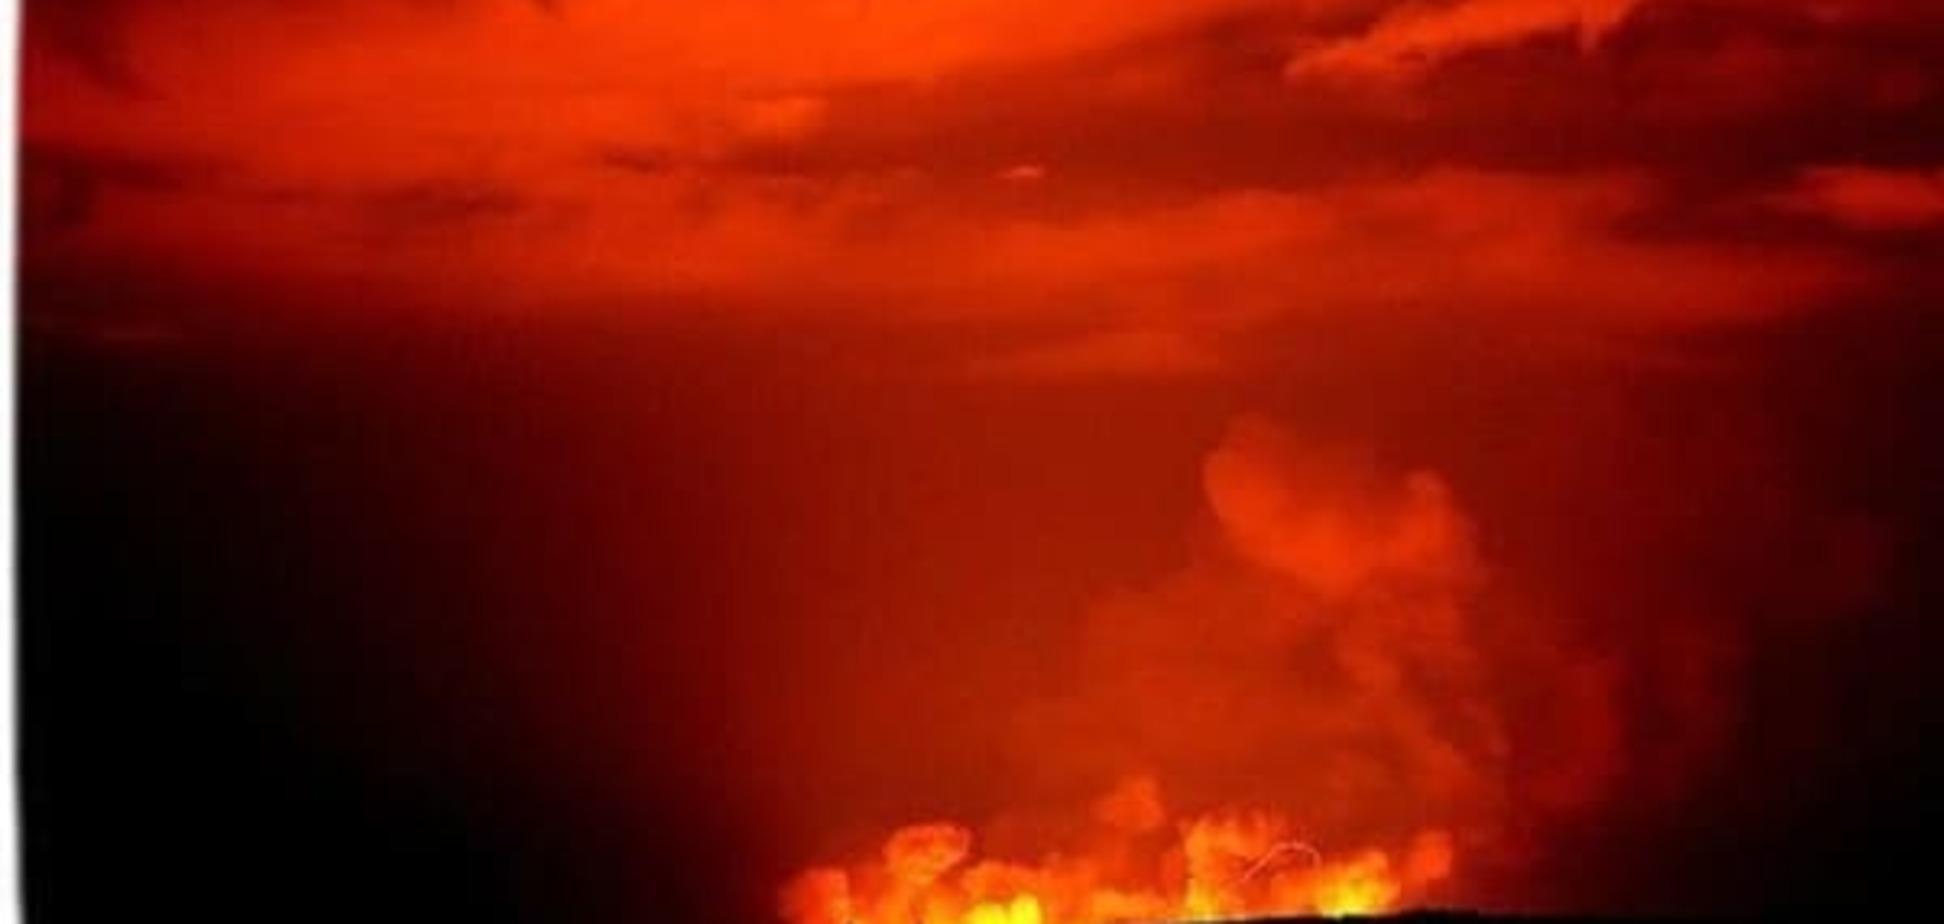 Въезд в Сватово перекрыли: военную часть и жителей эвакуировали